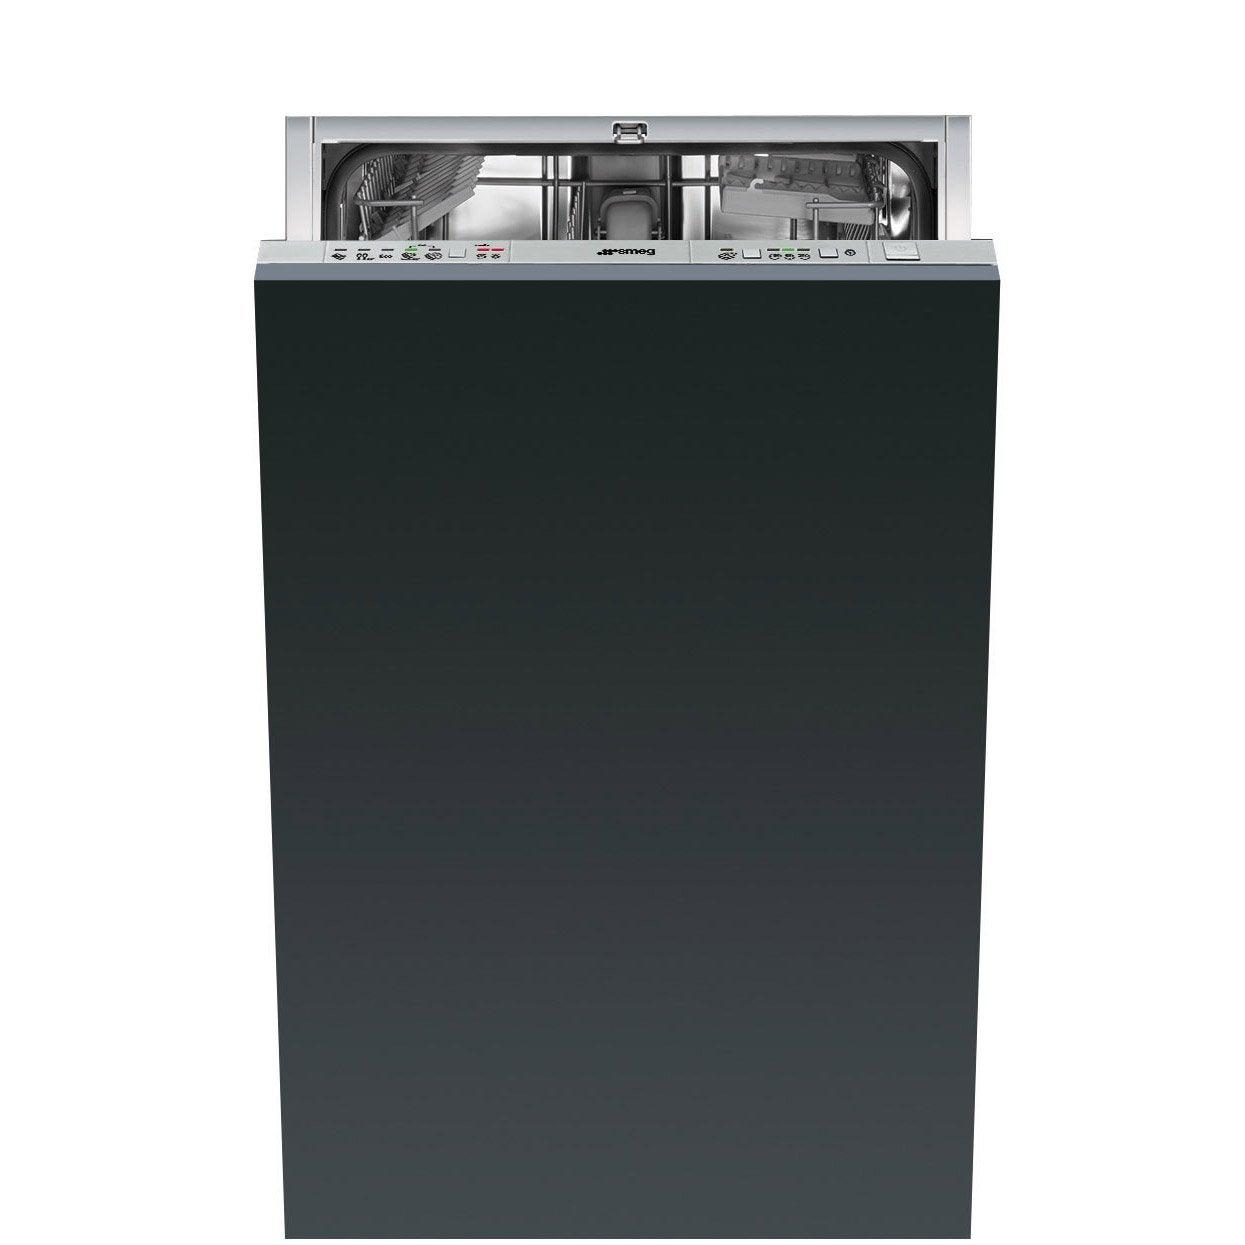 Amazing Pare Vapeur Lave Vaisselle #13: Lave-vaisselle Intégrable L.44.8 Cm SMEG STA4513, 10 Couverts